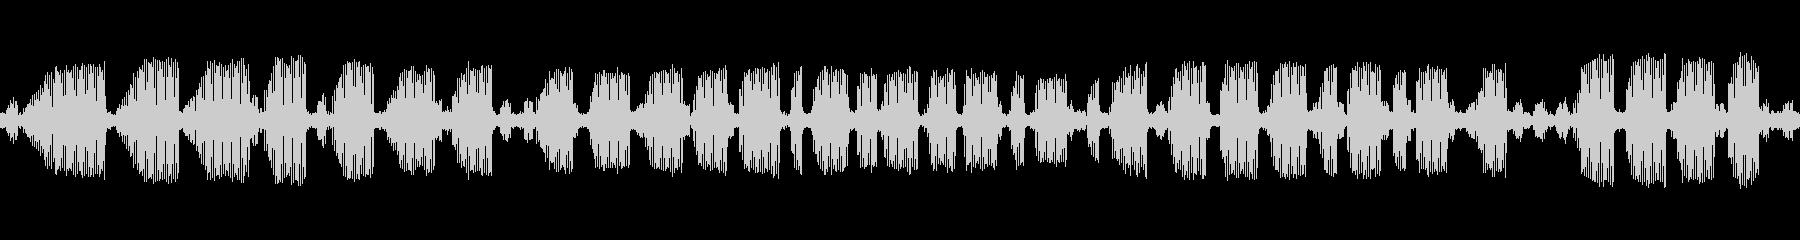 [秋の夜長] 虫の音-アオマツムシの未再生の波形